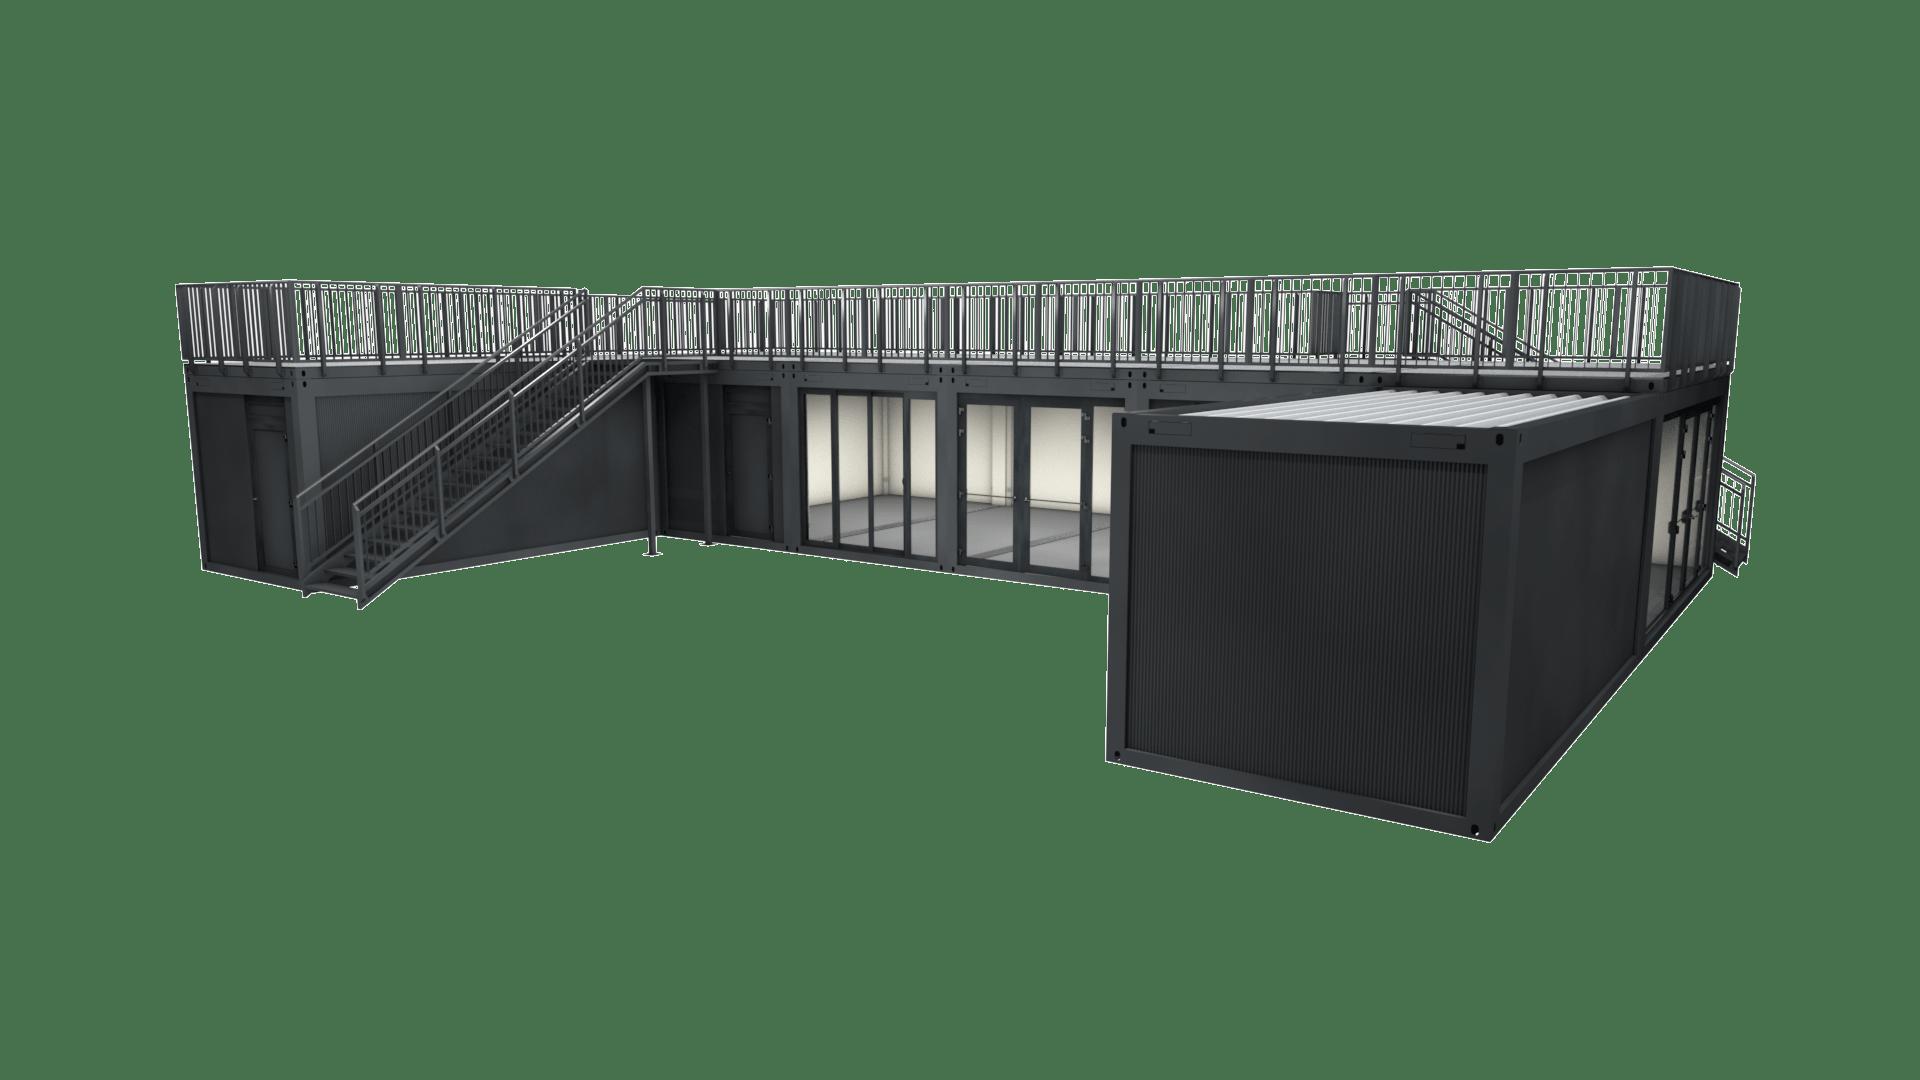 Container Modul M 33 ist eine große, einstöckige Containeranlage mit Dachterrasse